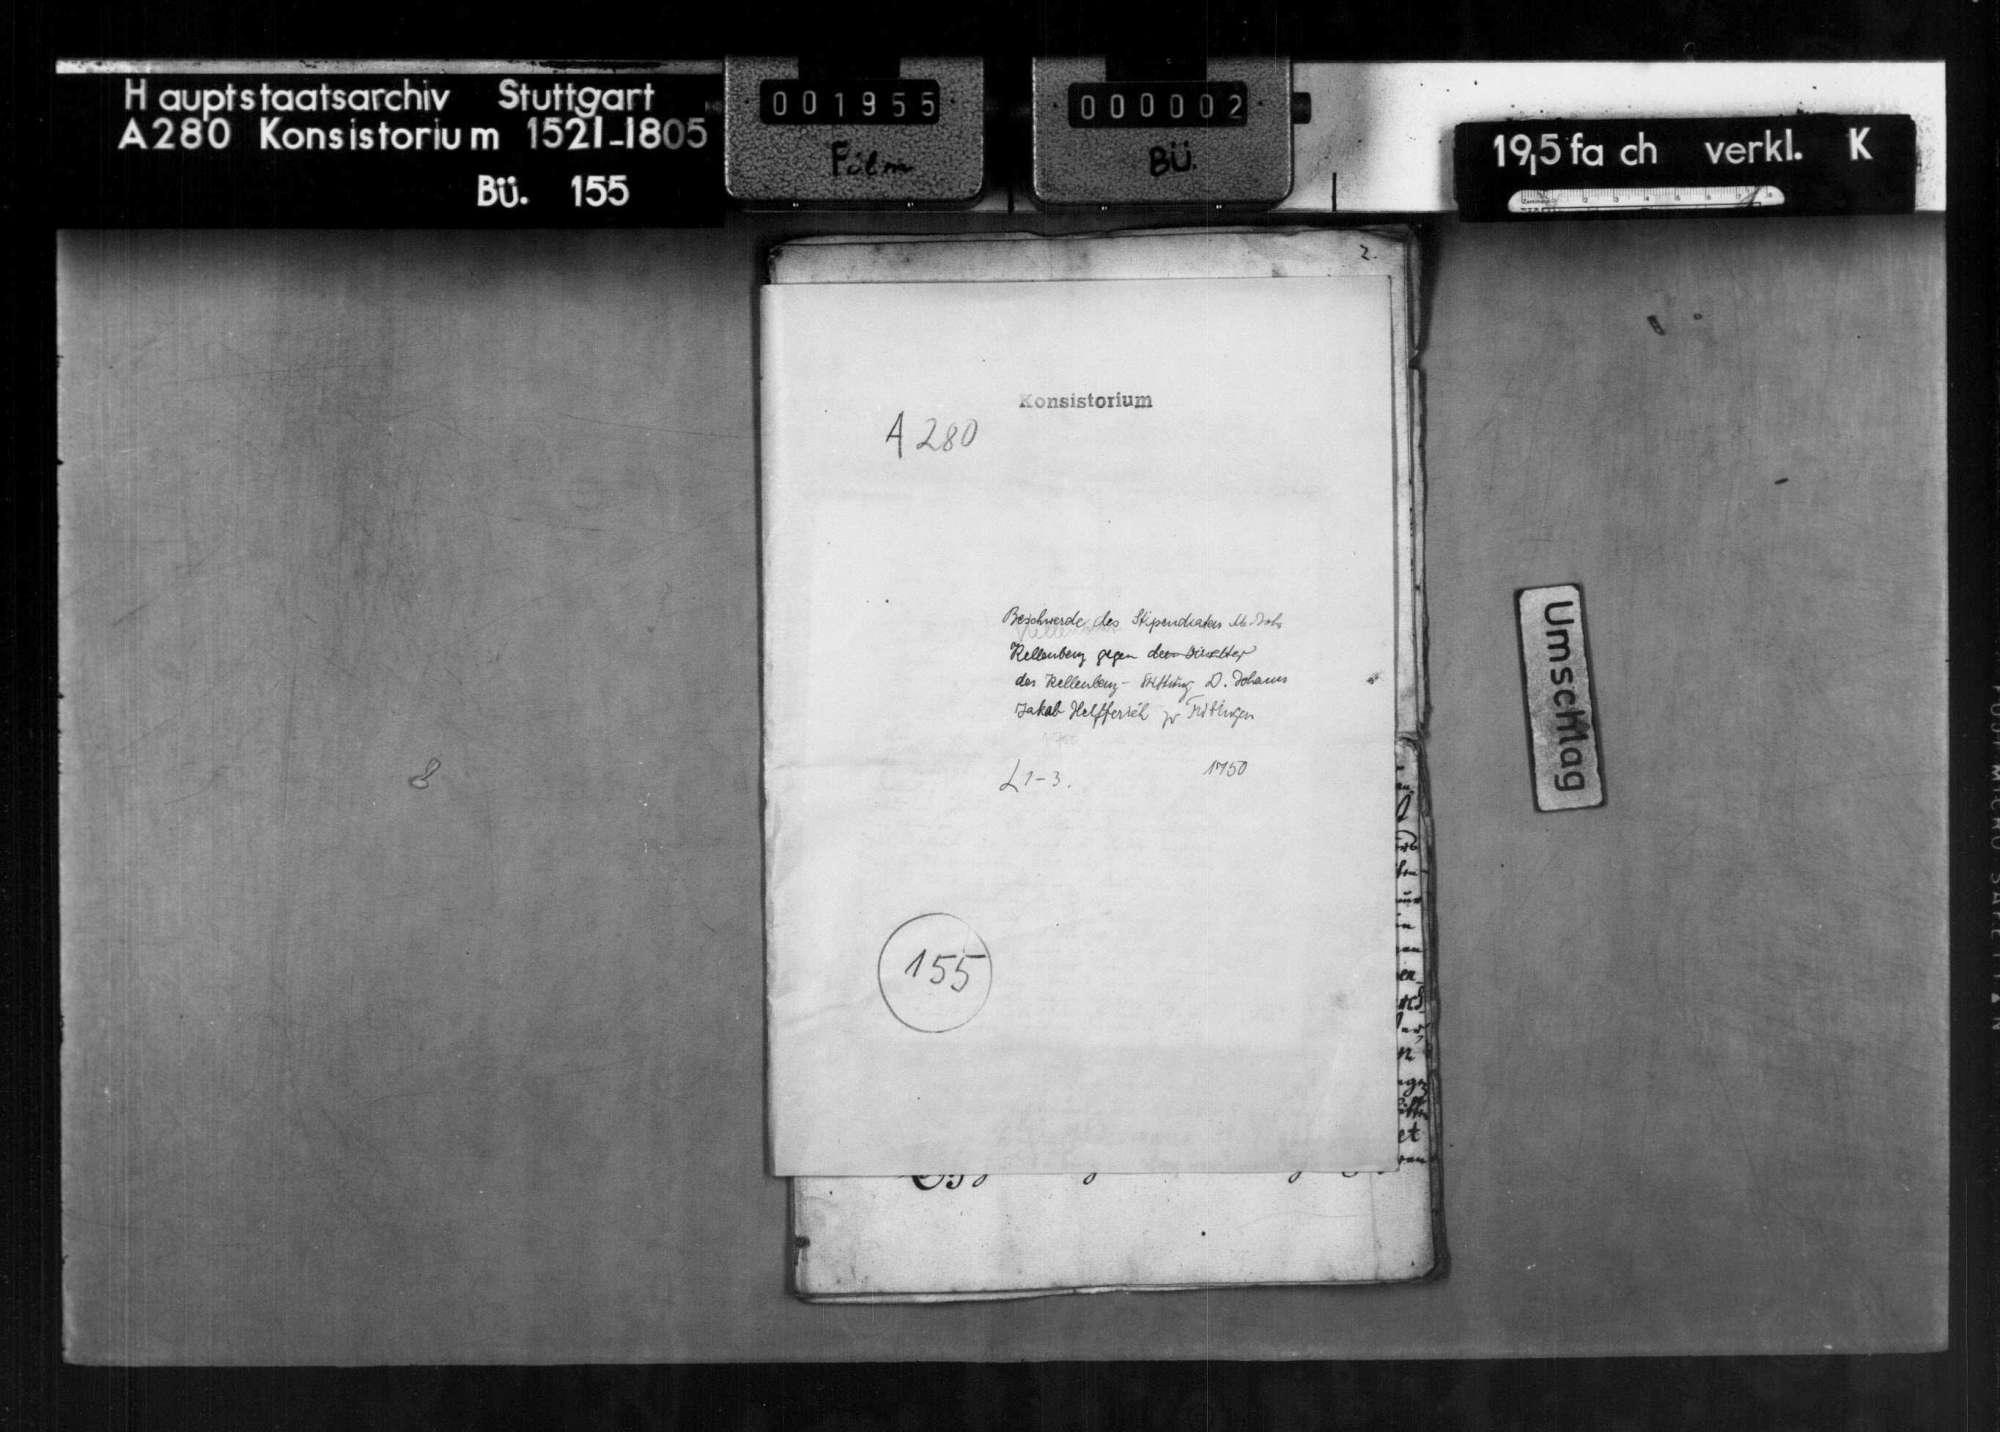 Stiftung des Fürstbischofs von Speyer Graf August von Limpurg-Styrum zur Univesität Tübingen über Akten und Druckschriften sowie 2000 fl. Kapital zur Unterstützung des Studiums der kath. Jugend, Bild 1